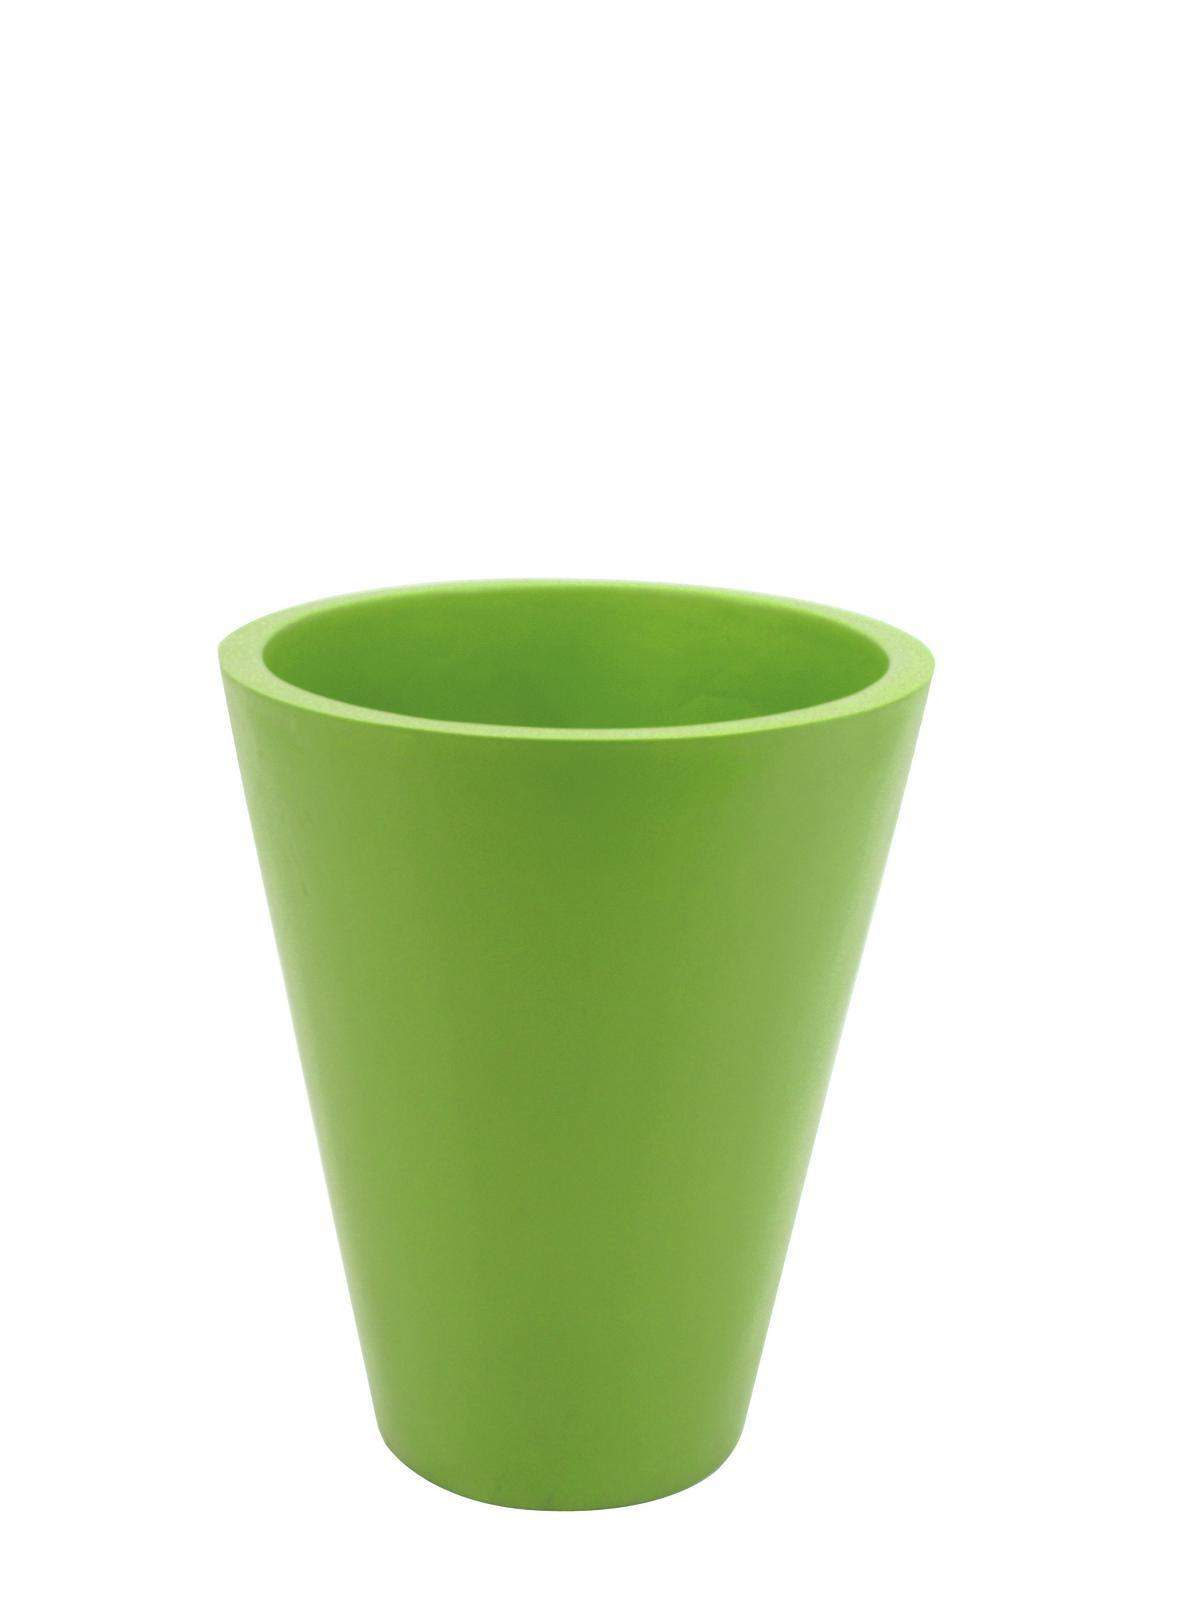 Květináč ze skleněných vláken, zelený, 61 cm